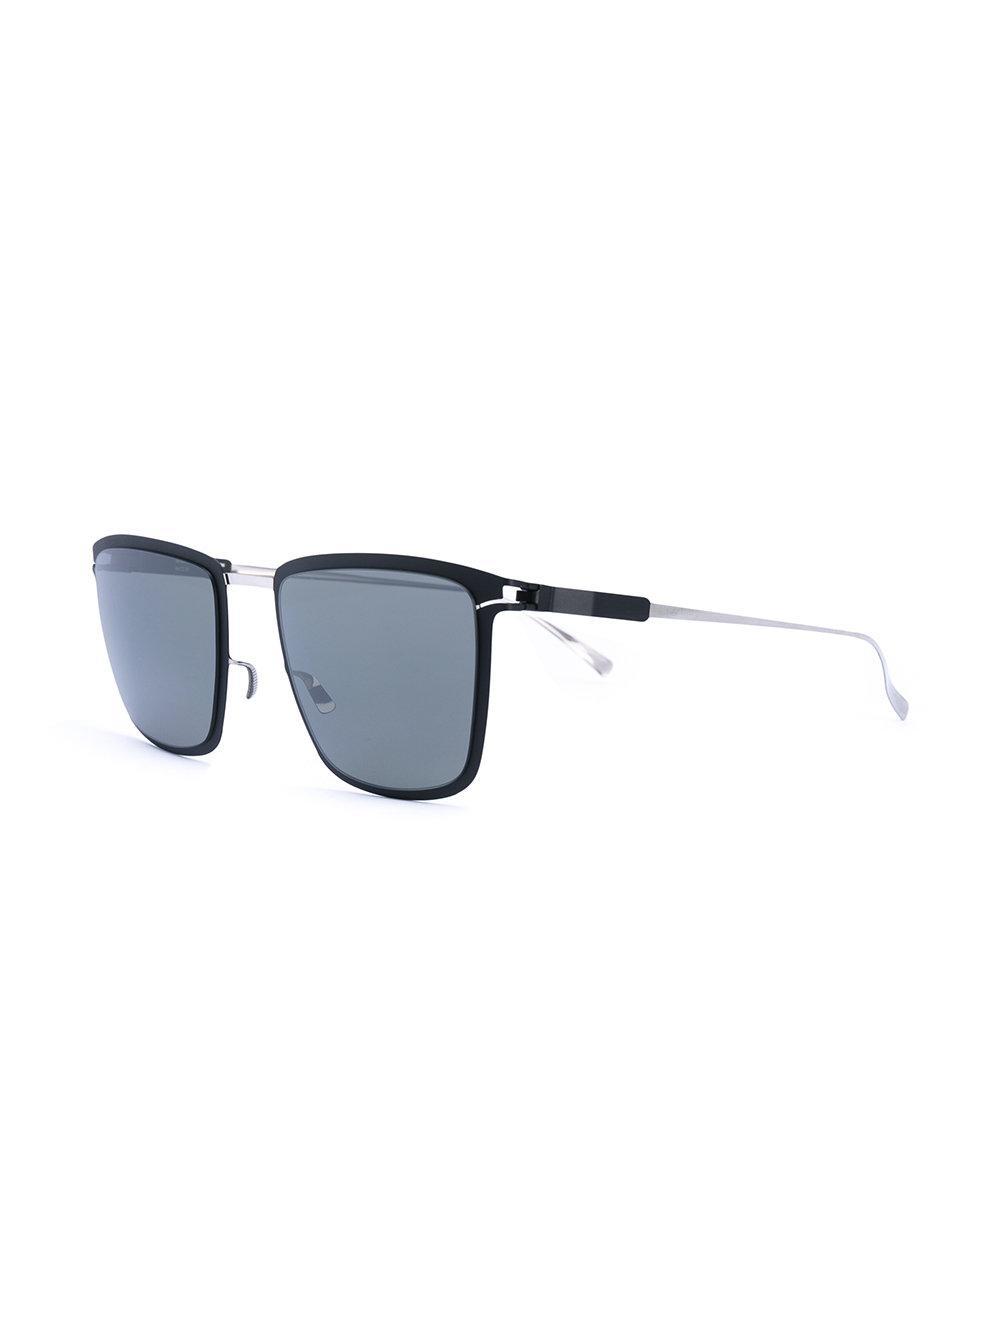 Mykita Vernon Square Sunglasses in Black